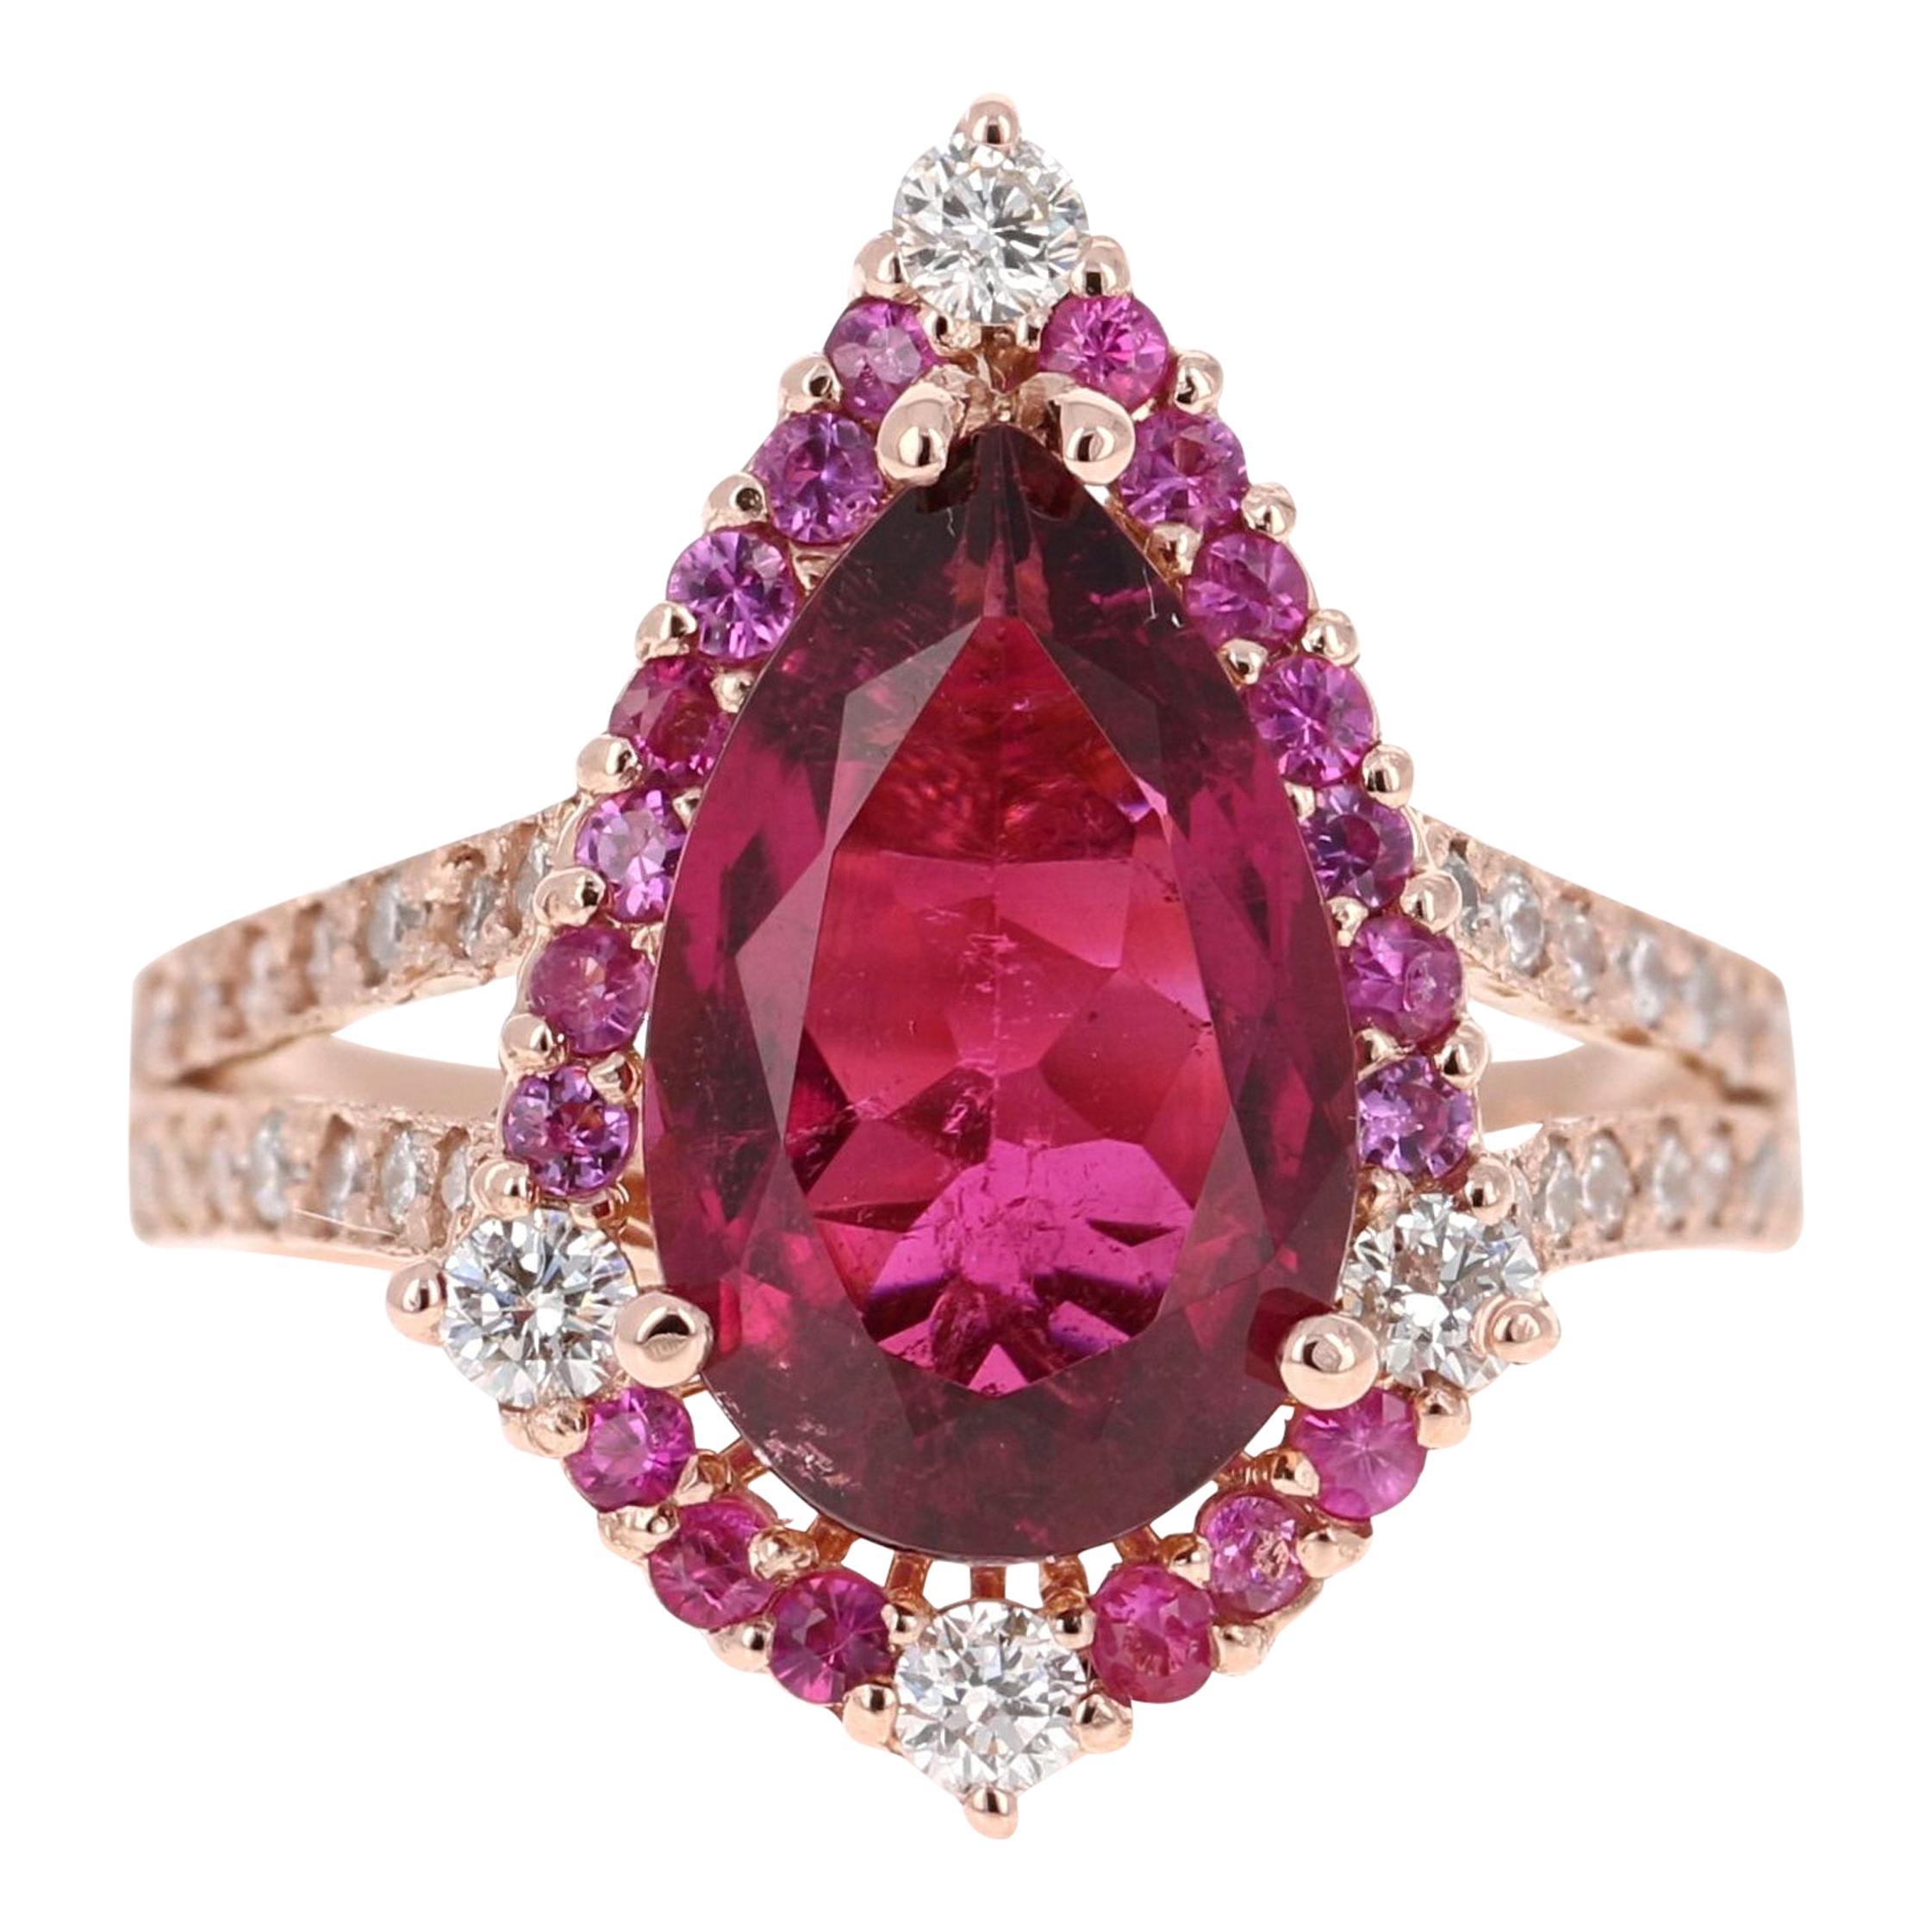 4.06 Carat Tourmaline Pink Sapphire Diamond 14 Karat Rose Gold Ring